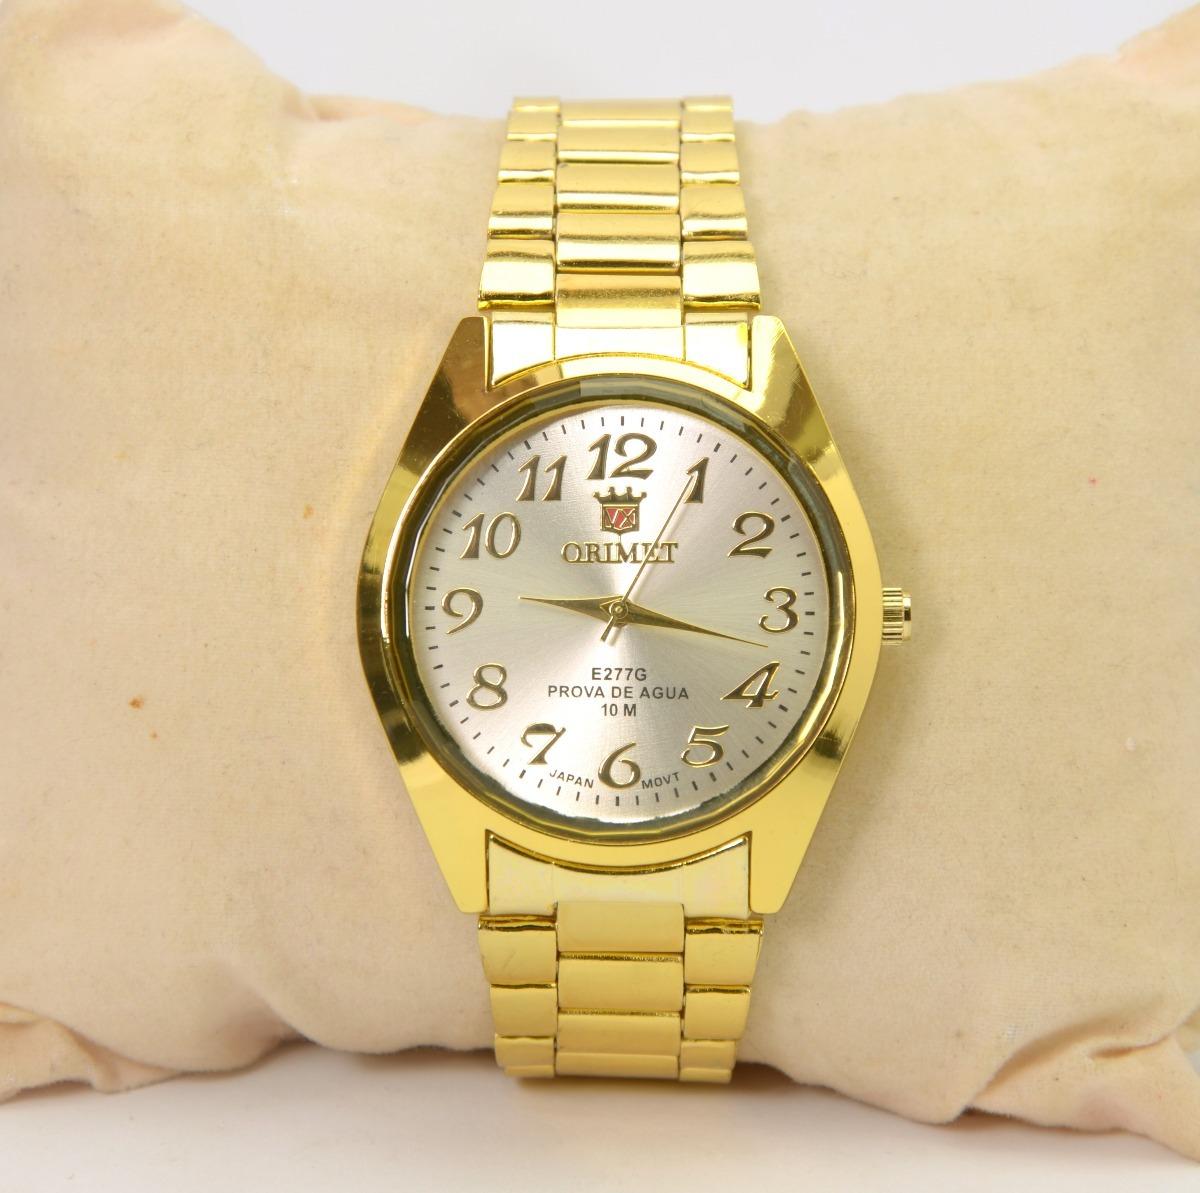 ea45dcfa12b relógio feminino de pulso dourado orimet resistente barato. Carregando zoom.